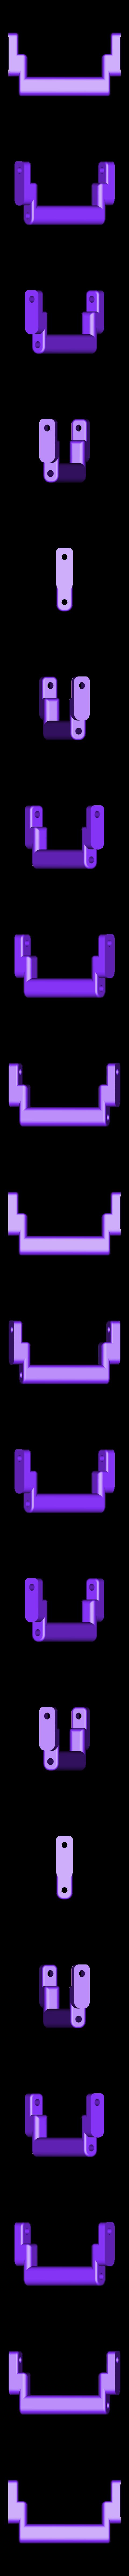 treads.STL Télécharger fichier STL gratuit Traxbot - une construction EZ-robot • Design imprimable en 3D, Laevalia